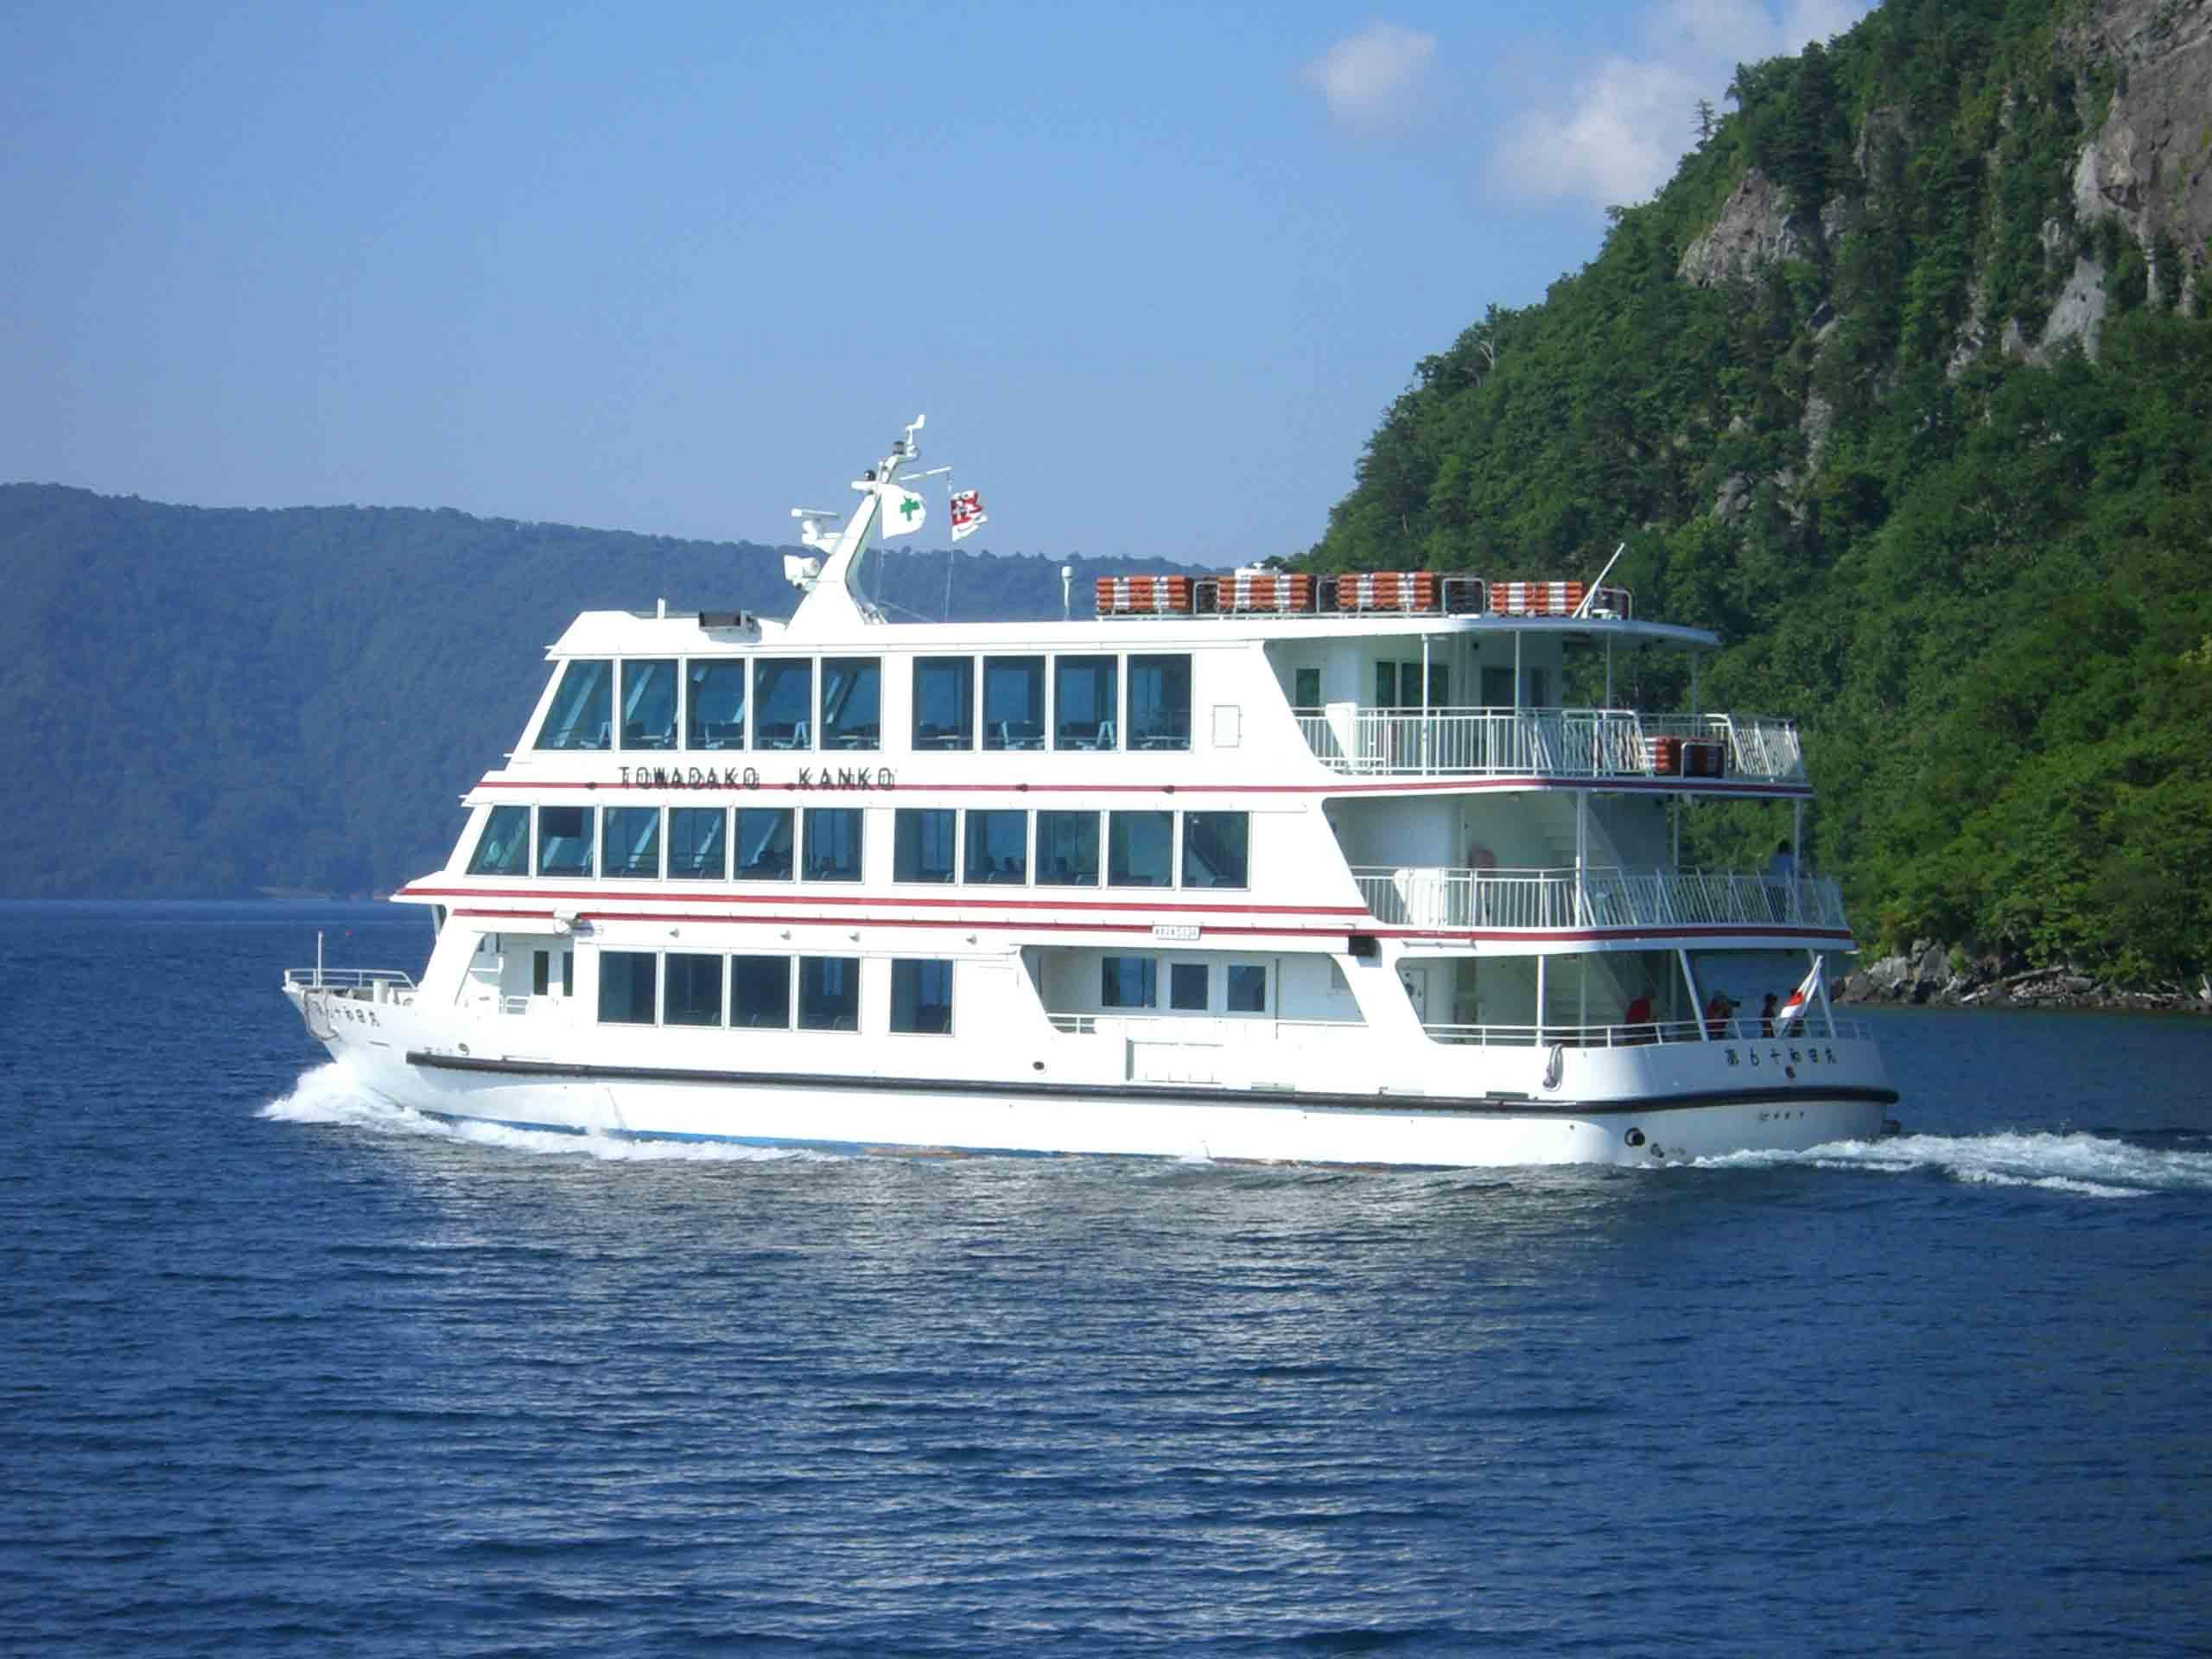 十和田湖観光のおすすめの楽しみ方!自然の魅力たっぷり!遊覧船も!